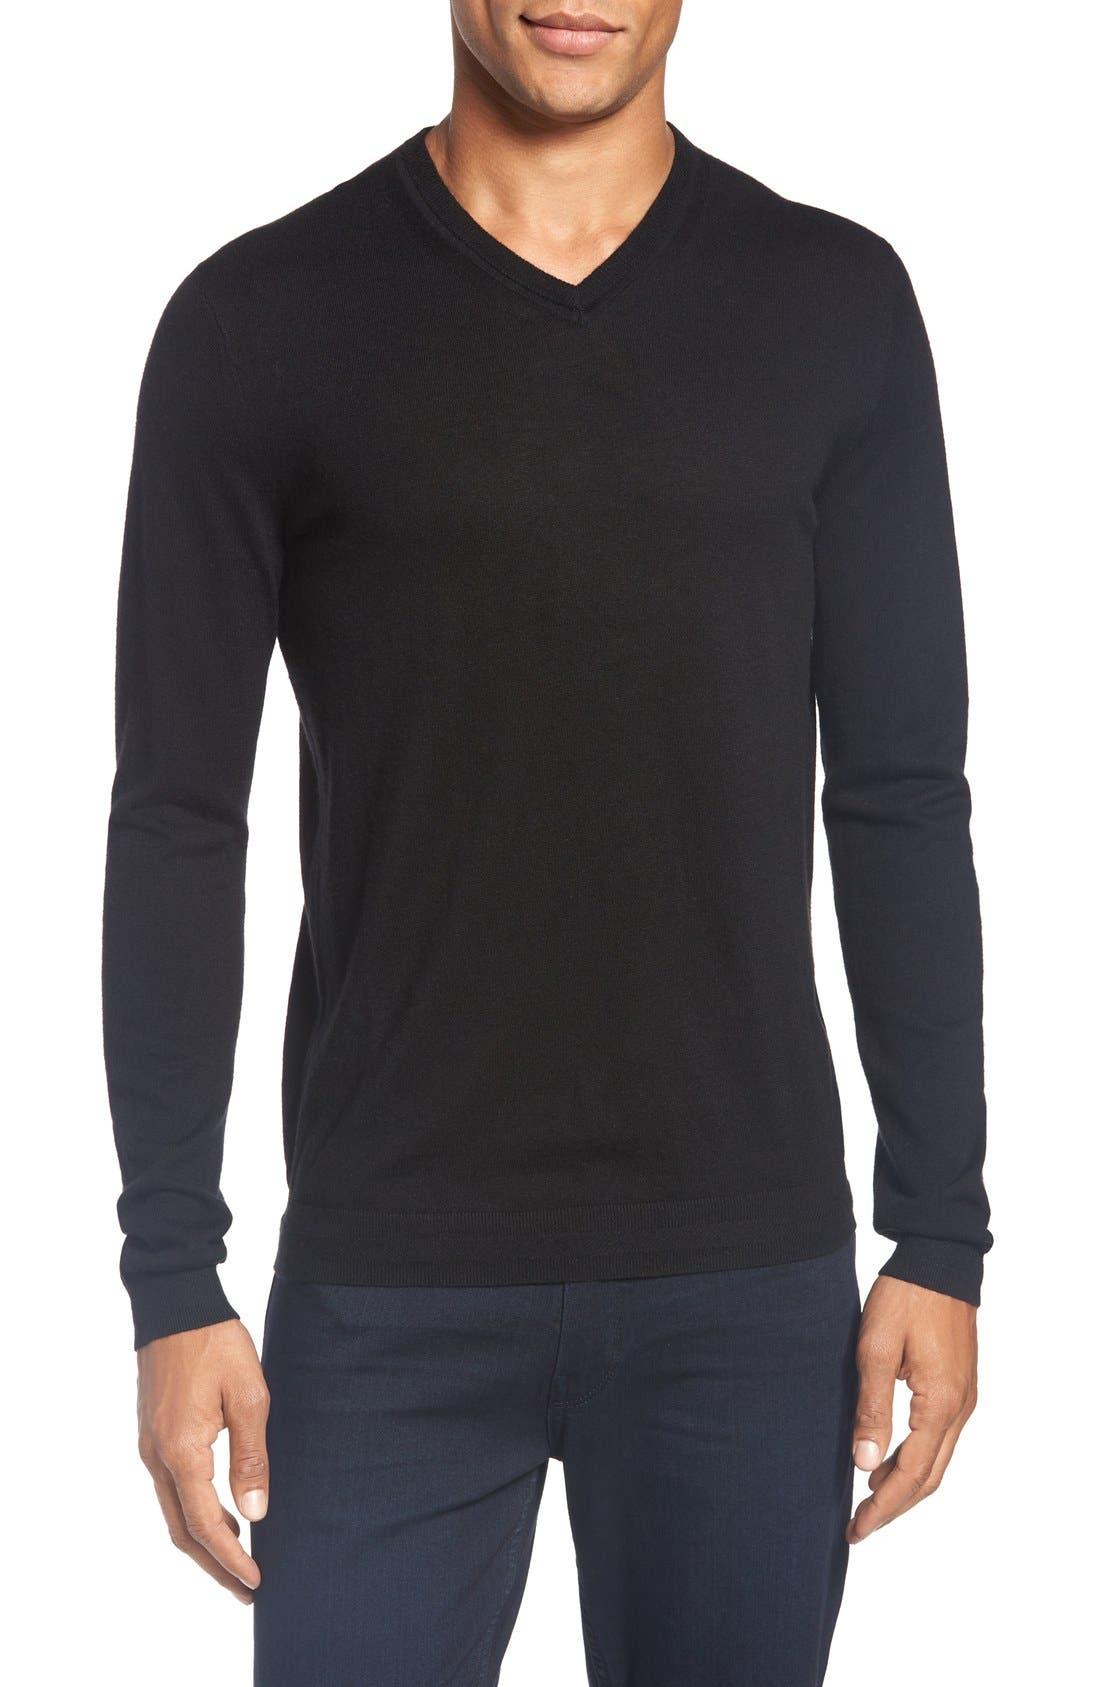 'Cashguy' Trim Fit V-Neck Sweater,                             Main thumbnail 1, color,                             001